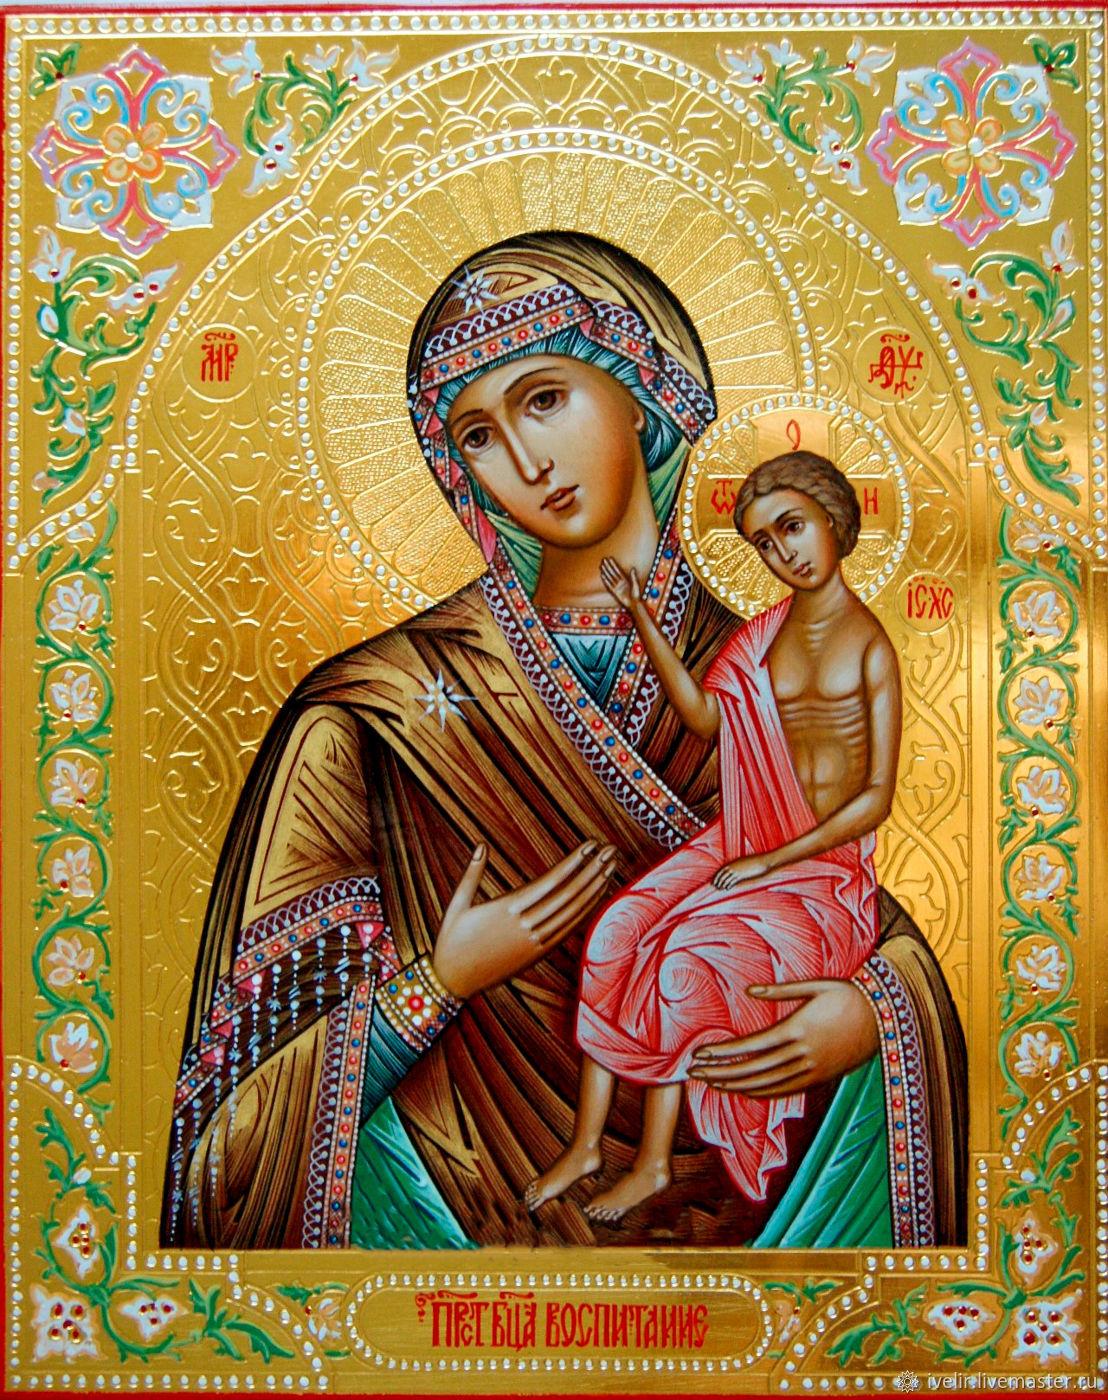 Икона Богородицы Воспитание – заказать на Ярмарке Мастеров – LT58CRU |  Иконы, Москва